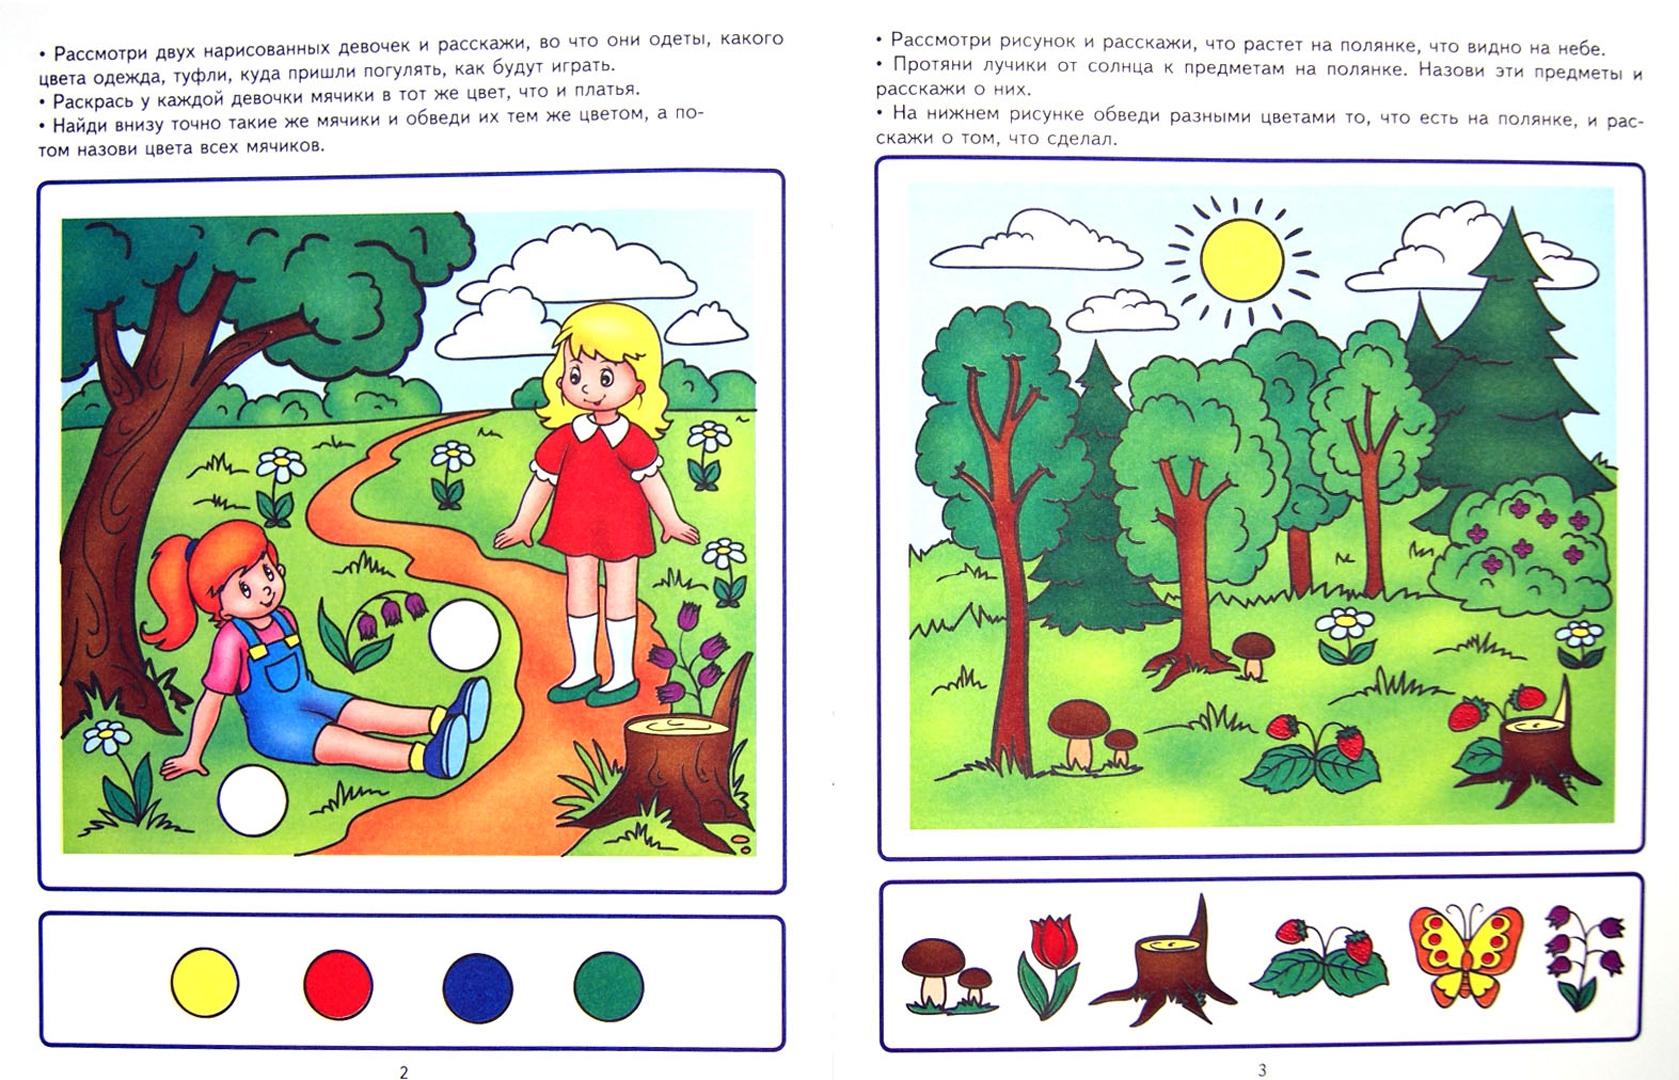 Иллюстрация 1 из 8 для Развиваем речь. Игровые задания + лото - Кирилл Четвертаков | Лабиринт - книги. Источник: Лабиринт